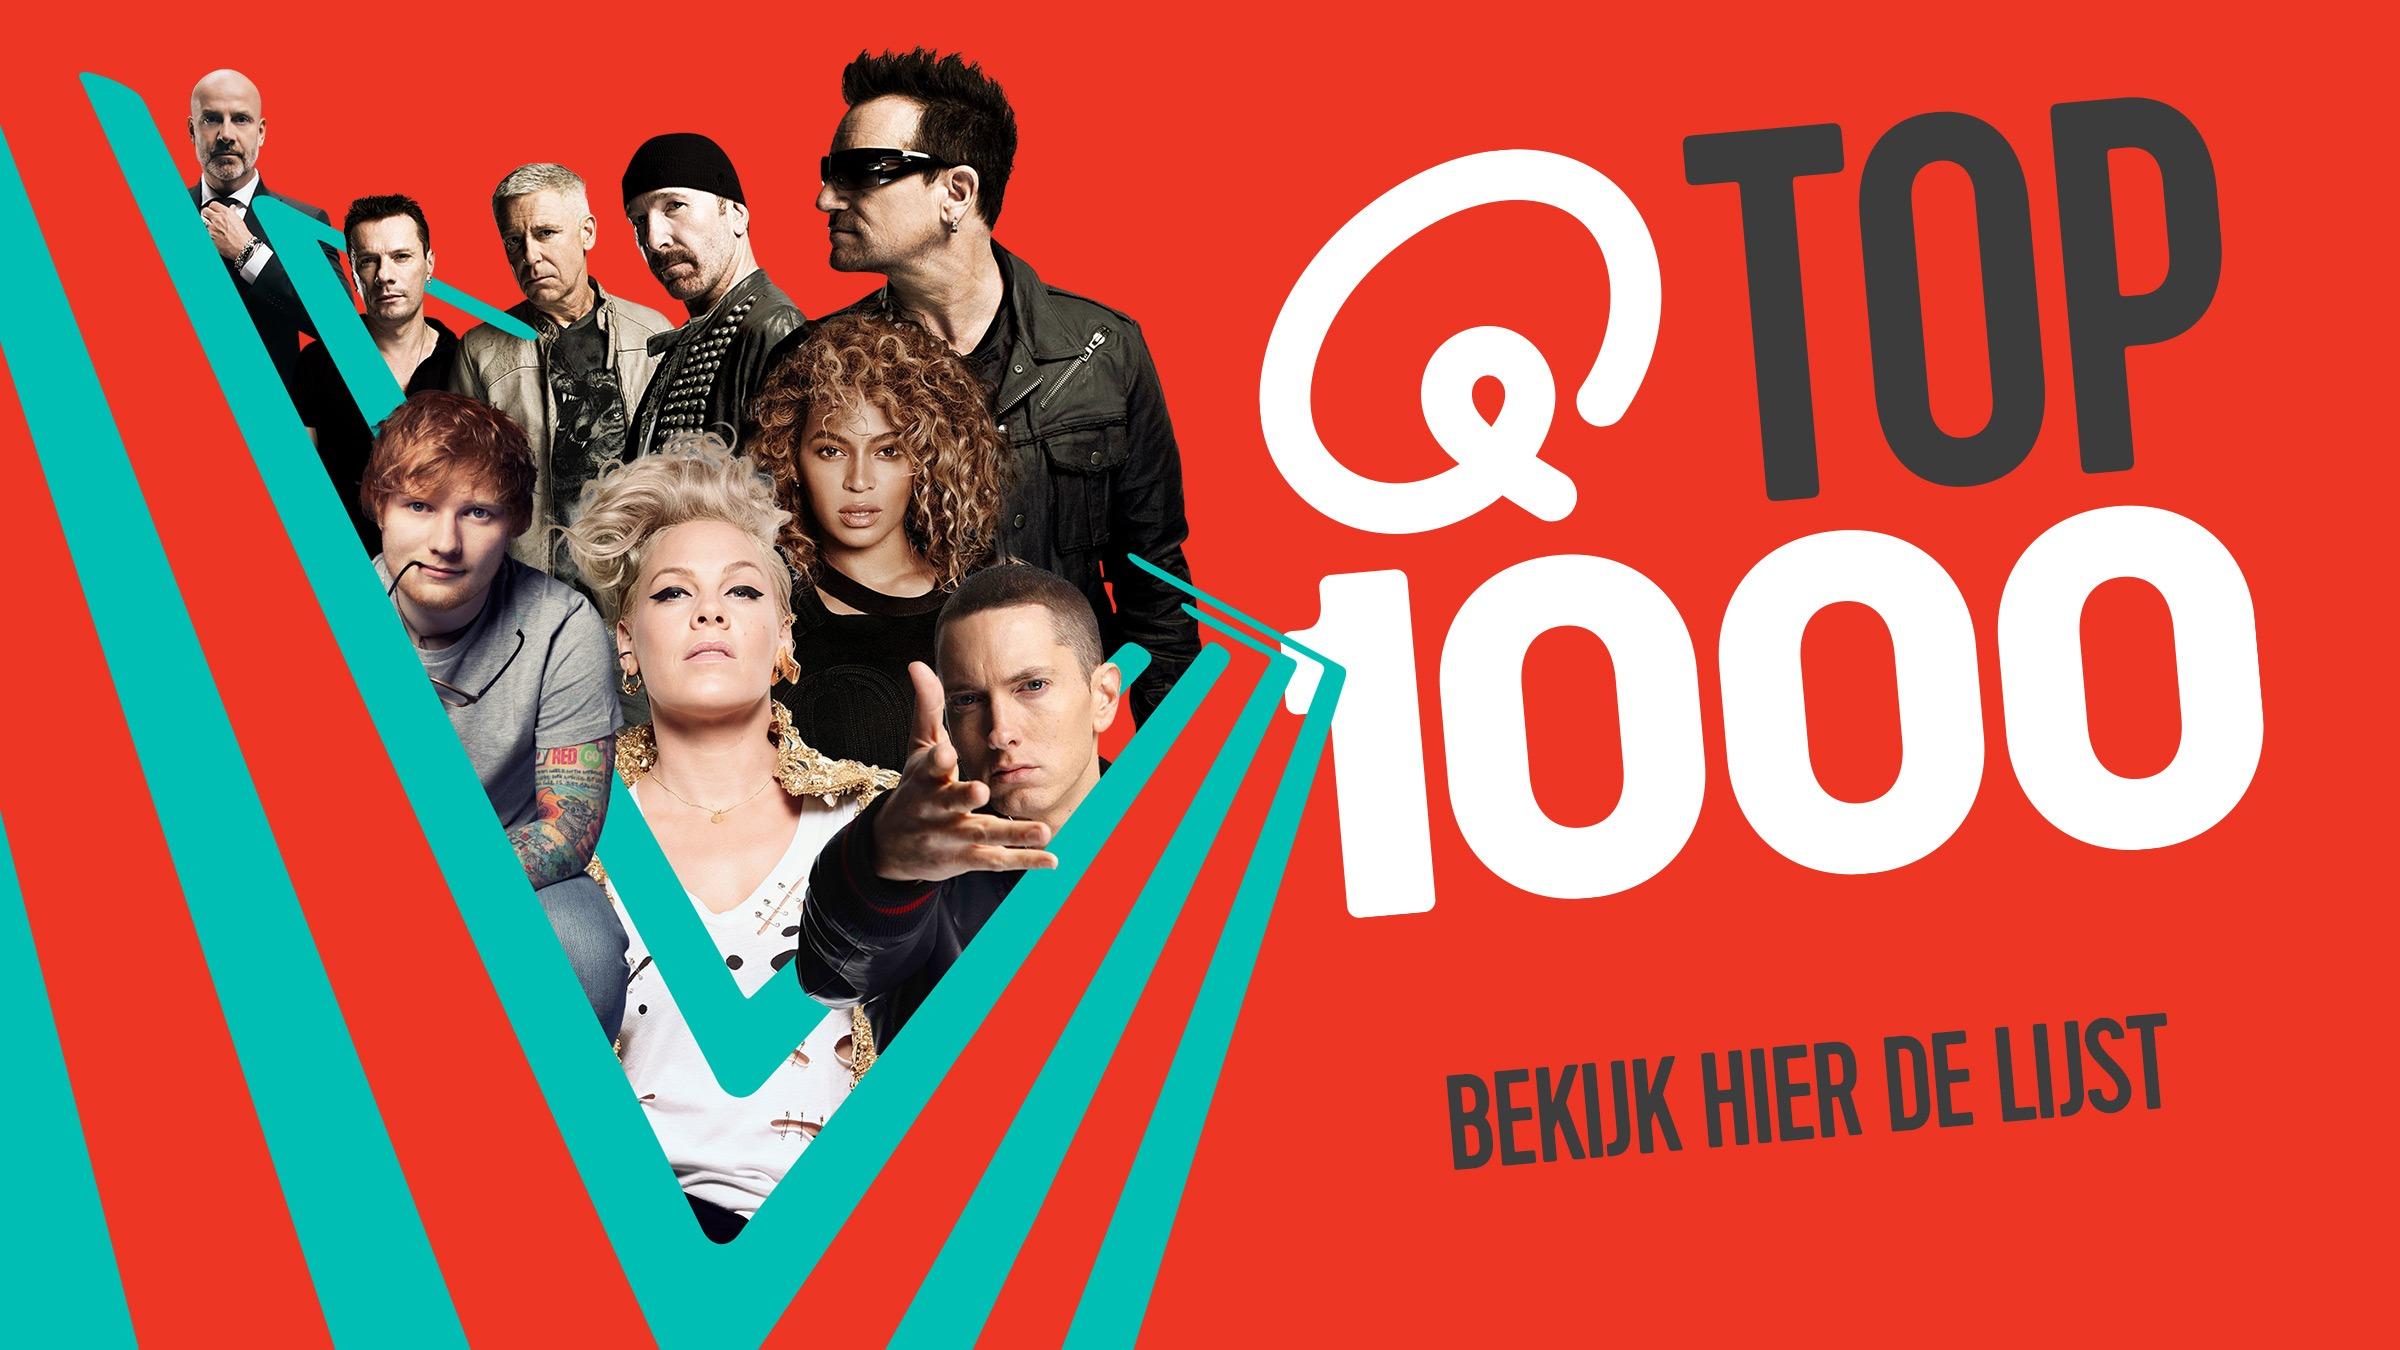 Qmusic teaser qtop1000 bekijk